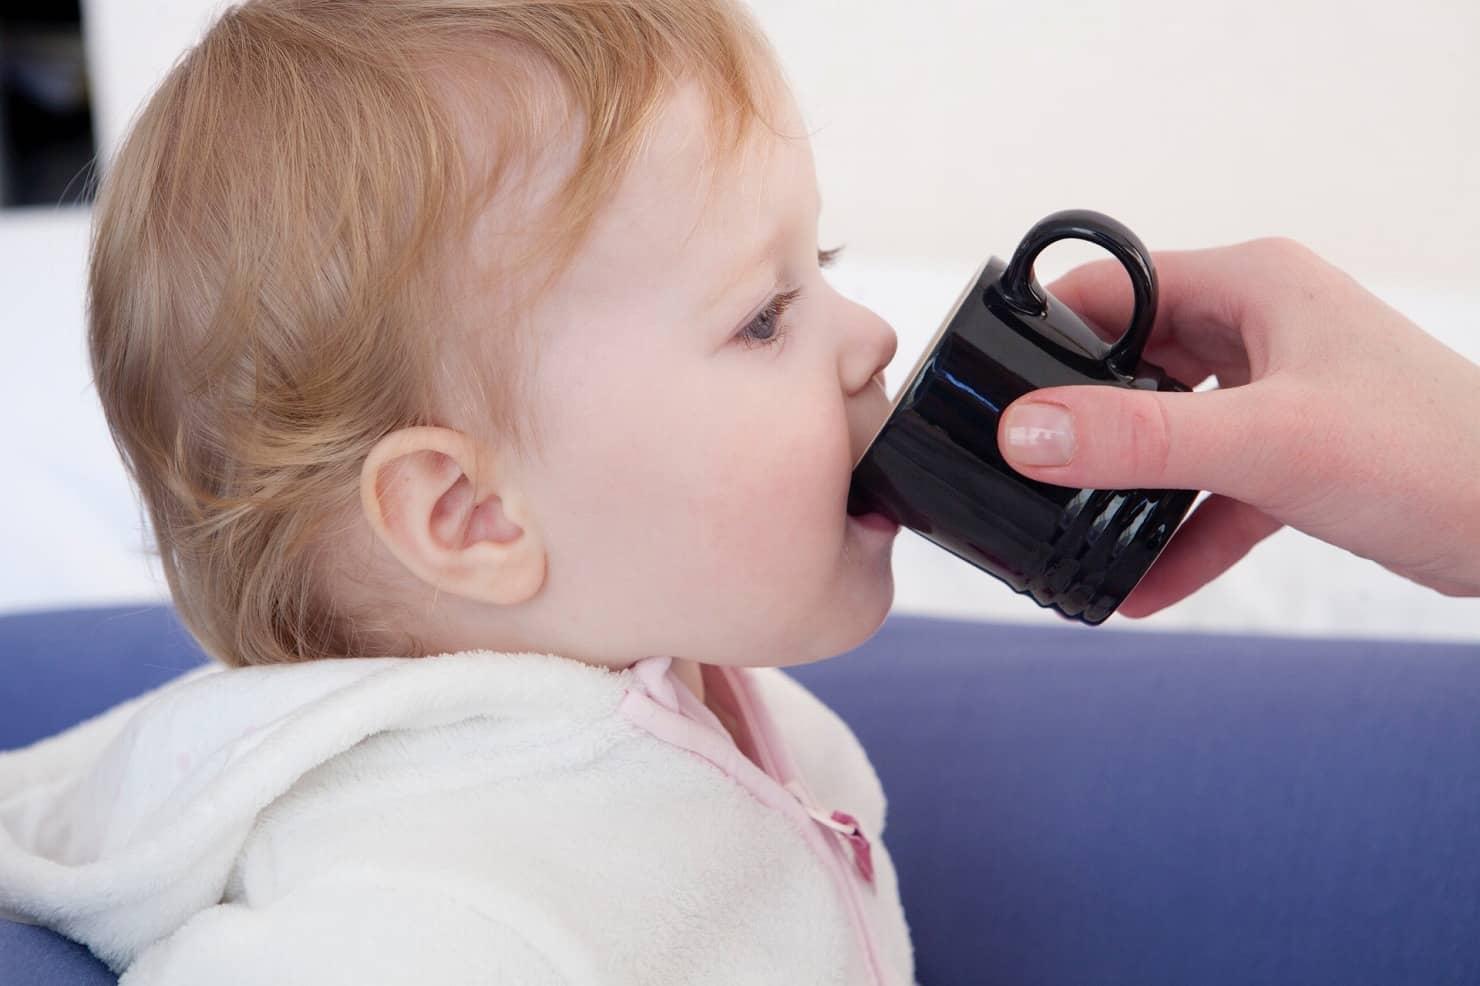 赤ちゃんの水分補給3つのポイント